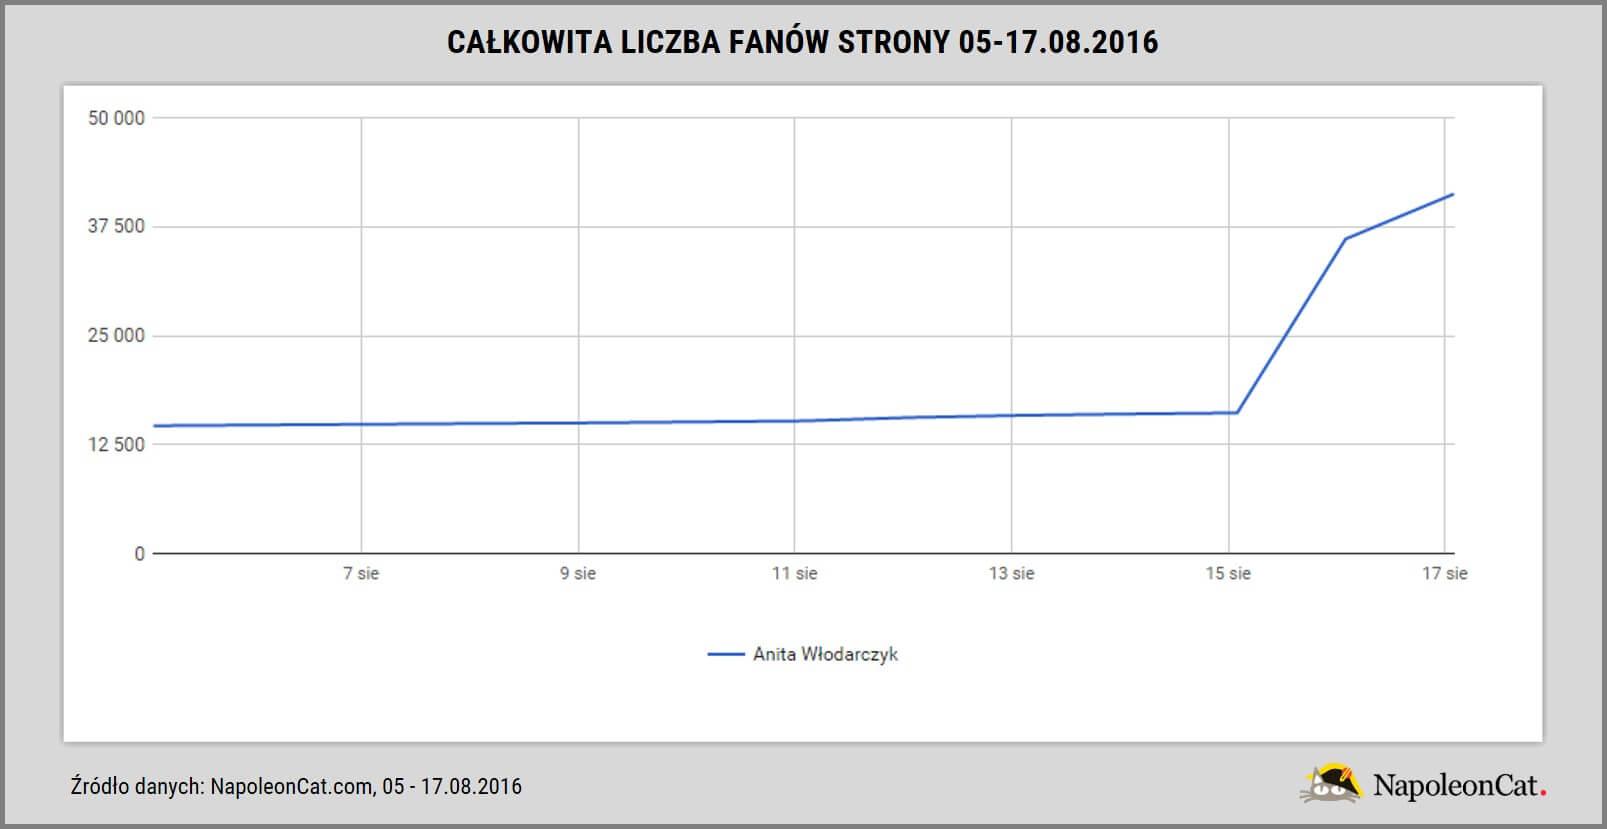 Anita Wlodarczyk na Facebooku_calkowita liczba fanow strony_05-17.08.2016_dane NapoleonCat.com